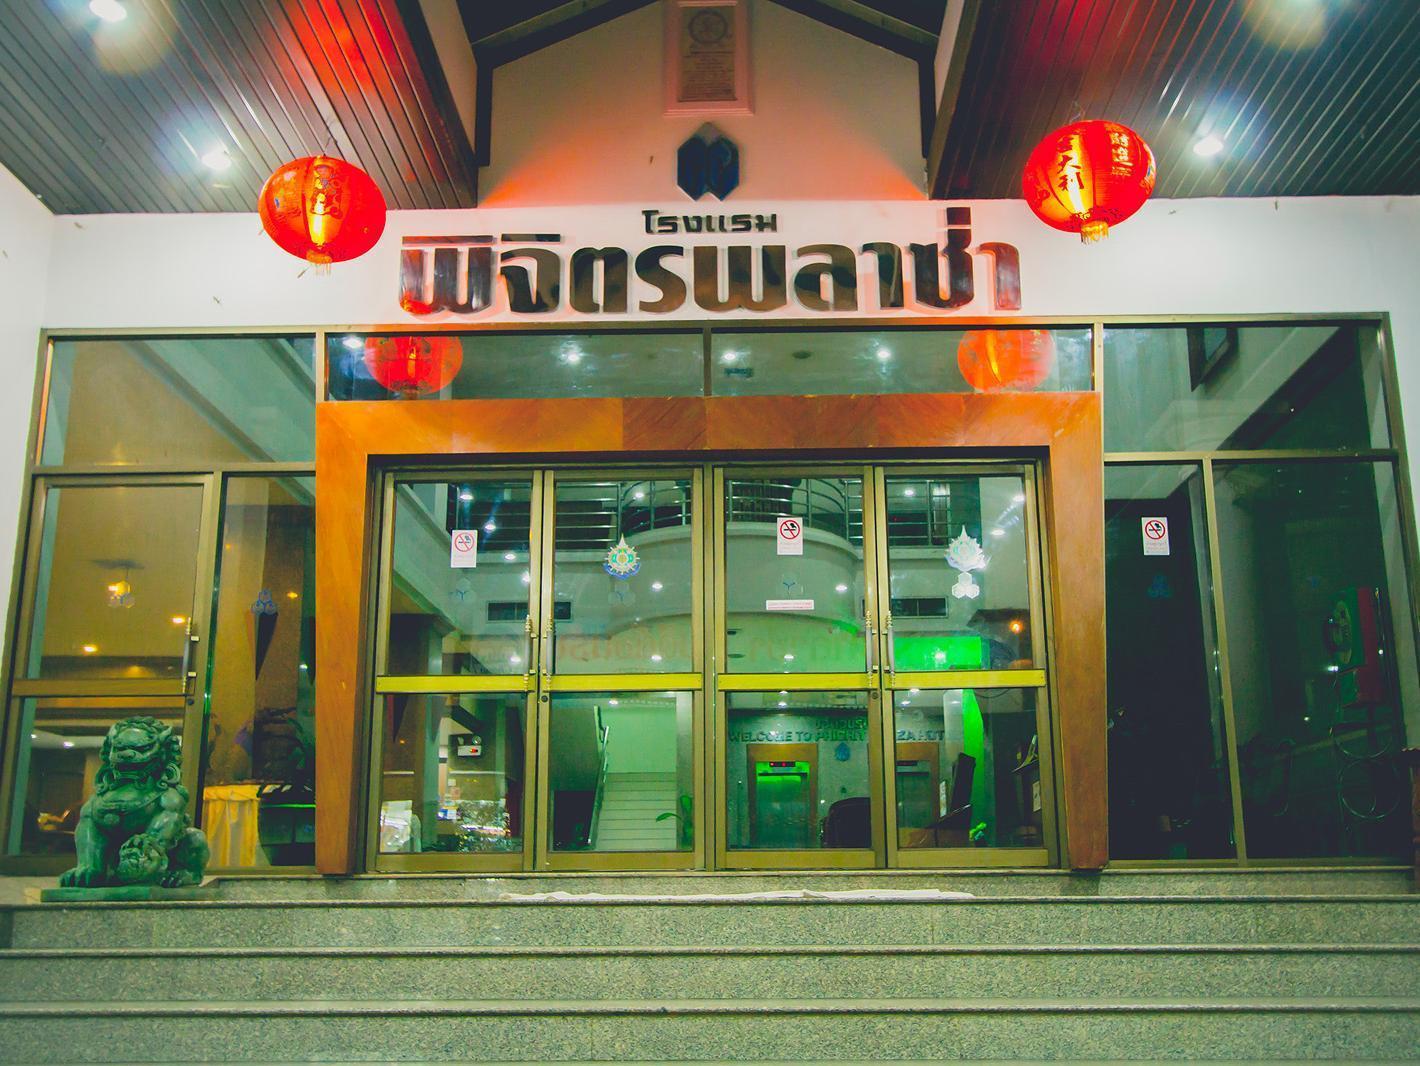 Pichit Plaza Hotel, Muang Phichit